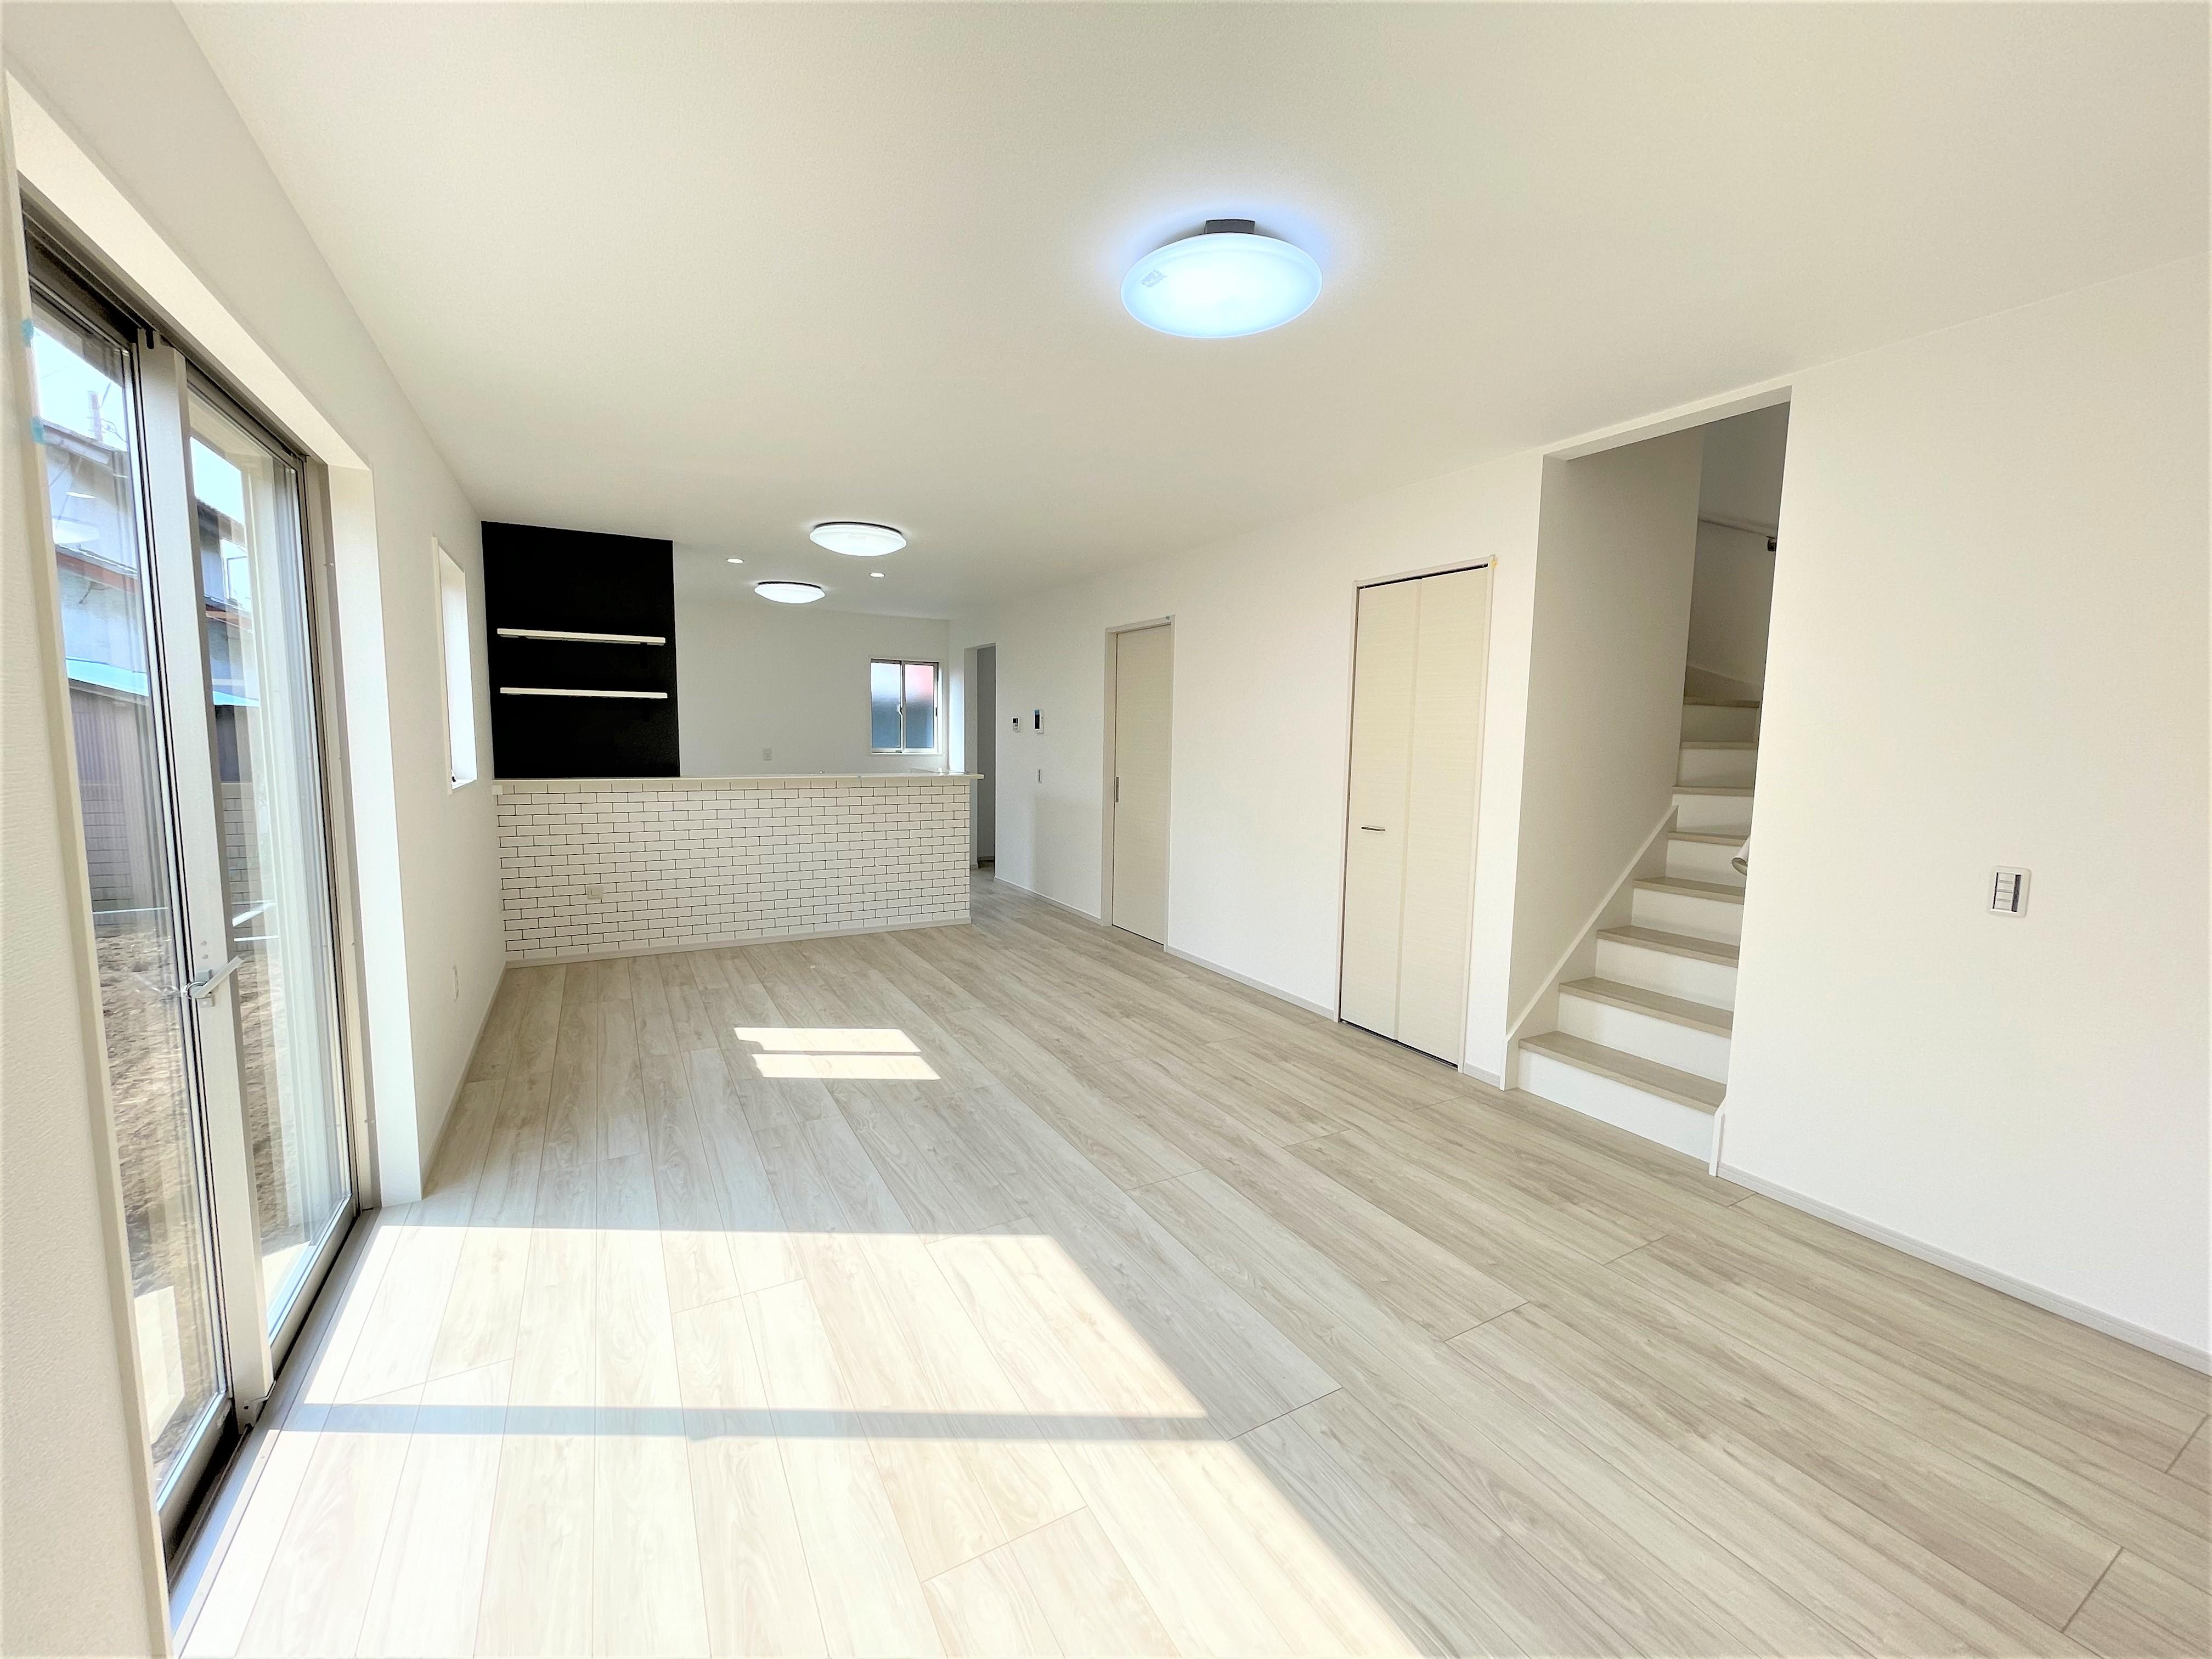 清潔感溢れるホワイトで統一されており、太陽の光を反射し、いつも室内を明るくしてくれます。また、リビングイン階段なら自然と家族が顔を合わせることができるので、コミュニケーションがとりやすいプランです。